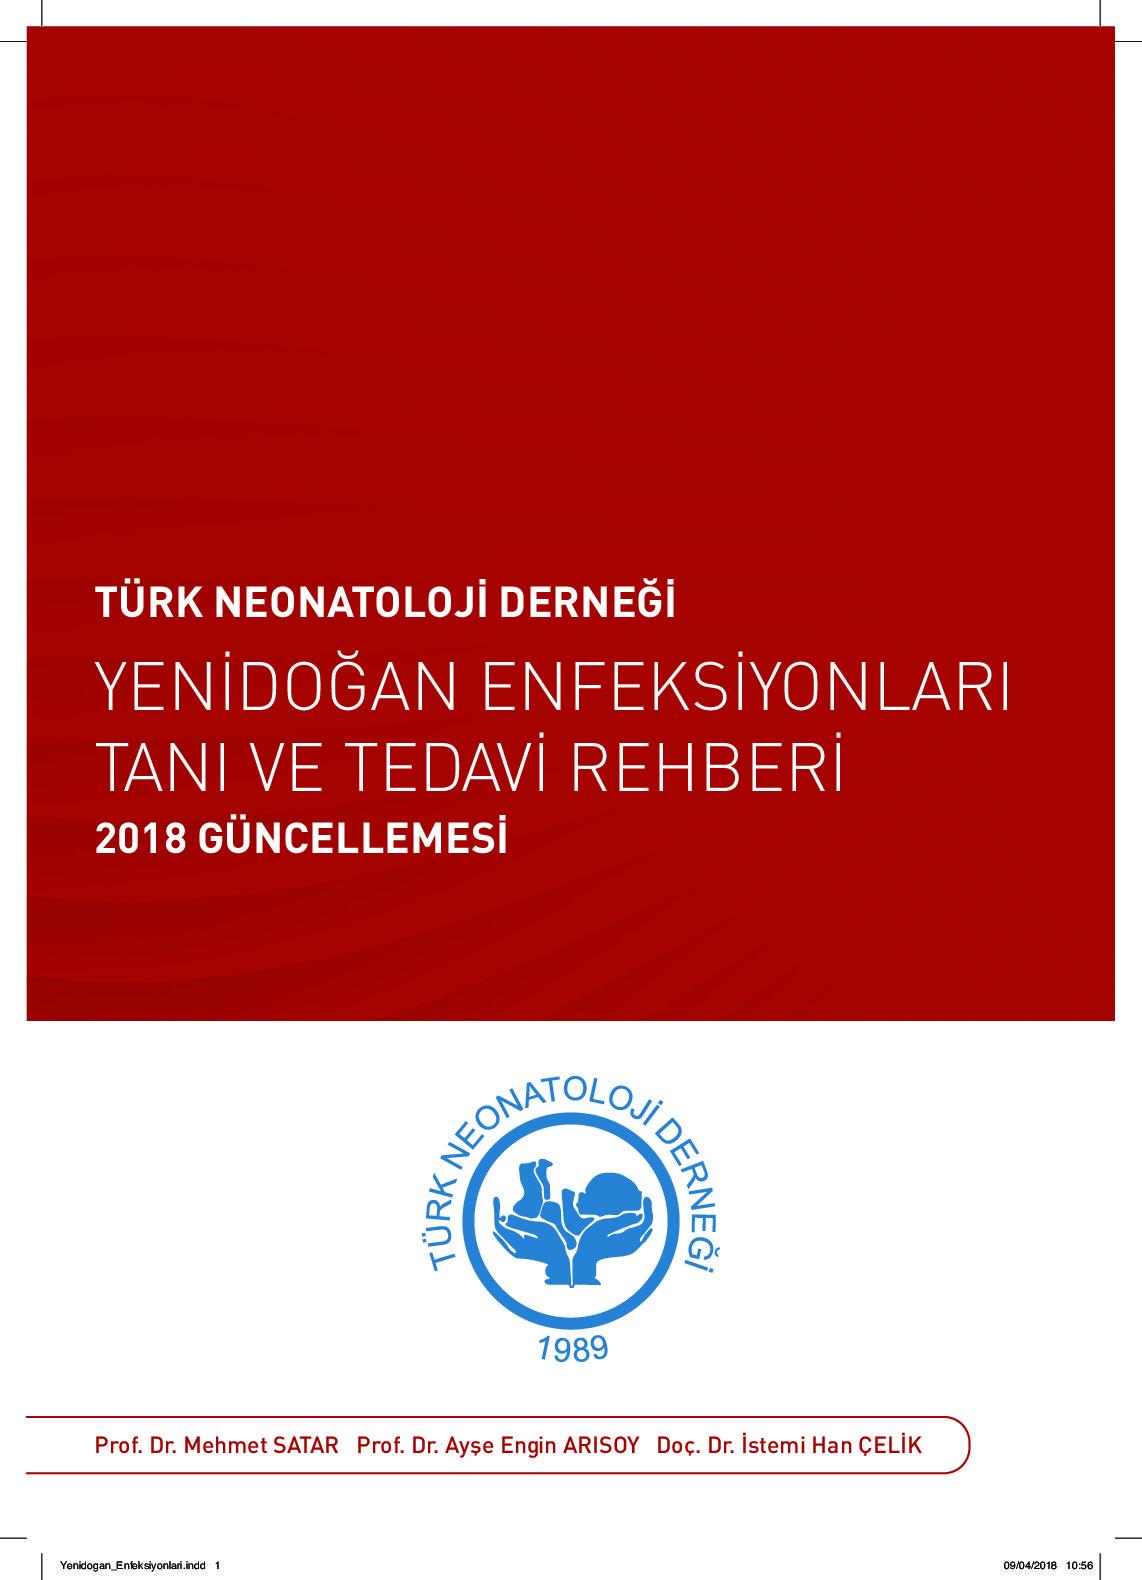 thumbnail of Yenidoğan Enfeksiyonları Tanı ve Tedavi Rehberi - 2018